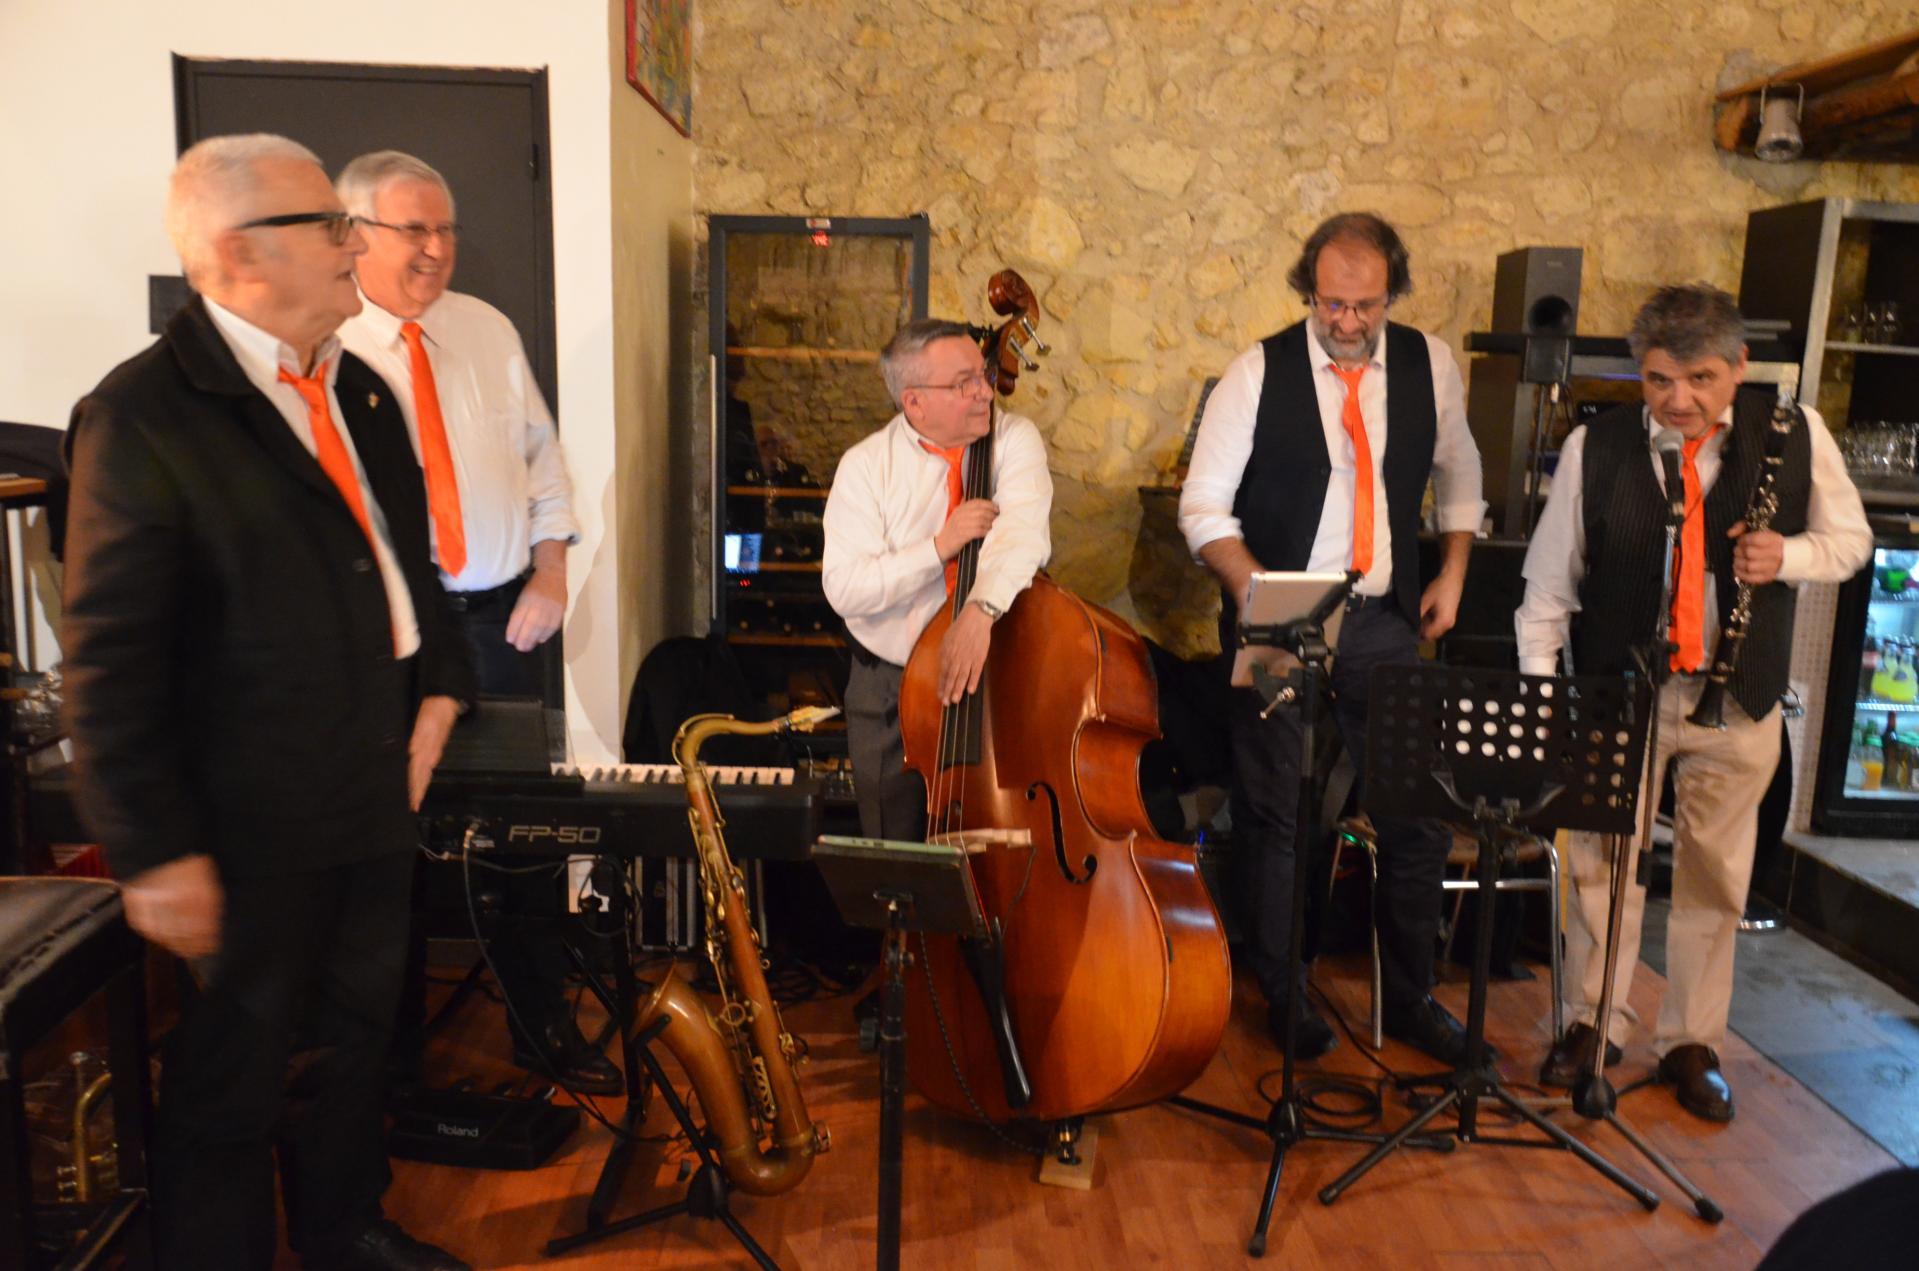 Le quintet de l'éphémère cinq musiciens dont le talent n'a rien d'éphémère